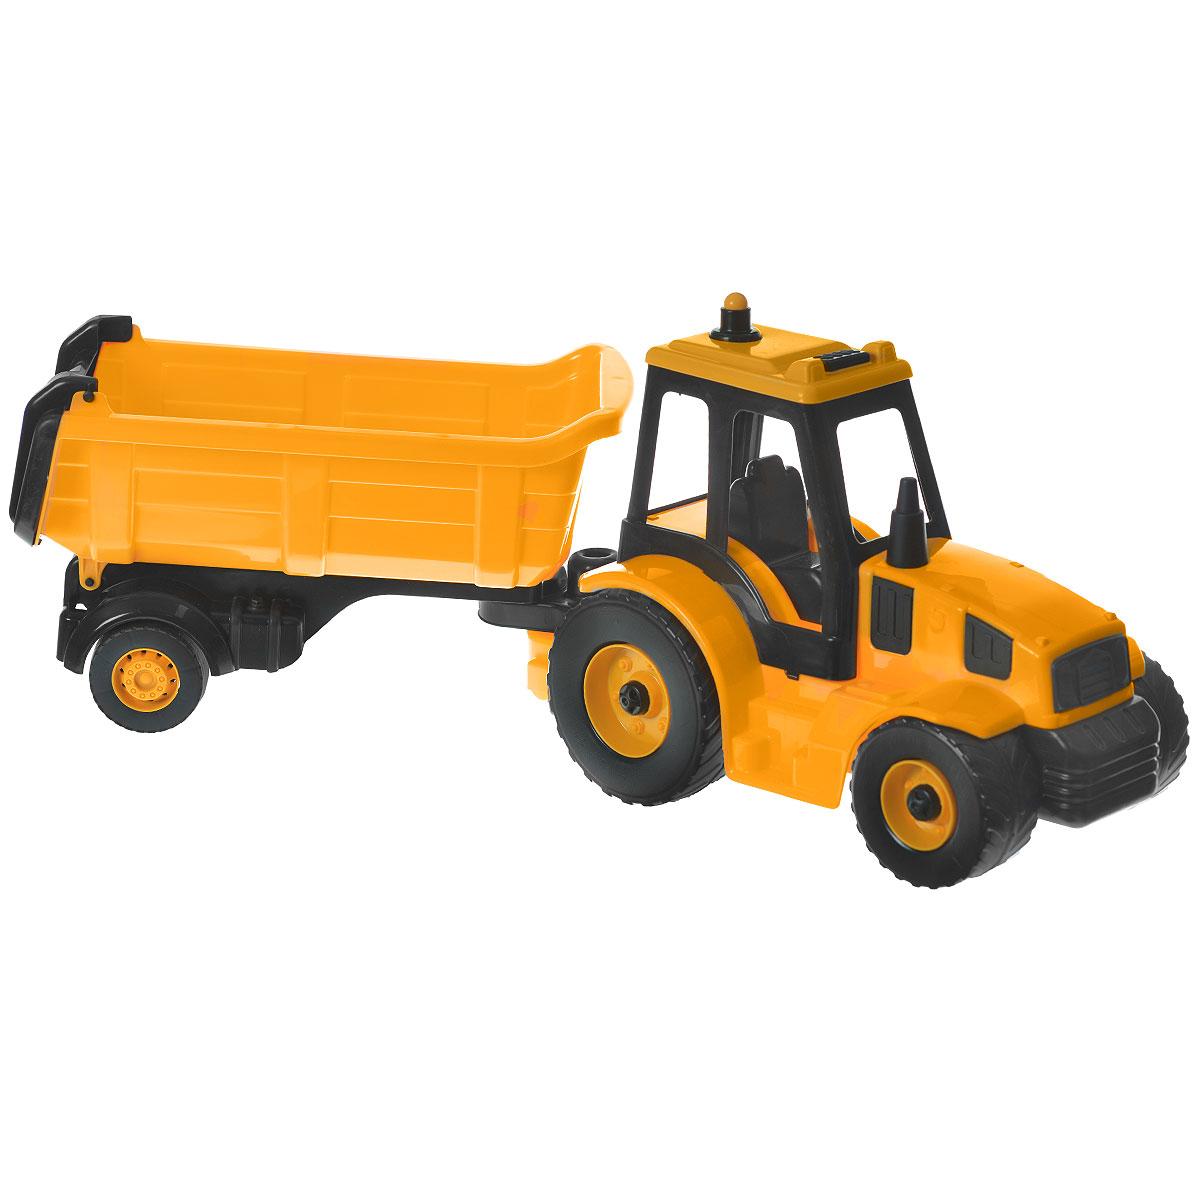 AVC Трактор с прицепом01/5212Игрушка AVC Трактор с прицепом отлично подойдет ребенку для различных игр. Это игрушка, предназначенная для самых маленьких - в конструкции отсутствуют острые элементы, способные травмировать малыша. В то же время игрушка имеет достаточно большой размер, крупные детали и элементы, с которыми ребёнку удобно и интересно играть. Вместительный прицеп трактора отделяется, задний борт откидывается. В кабину без стекол можно посадить одну или несколько небольших игрушек. Большие пластиковые колеса с крупным протектором обеспечивают машинке устойчивость и хорошую проходимость. Игрушка является оптимальным вариантом для перевозки различных грузов (камушки, палочки, песок, игрушки и т.д.). Трактор выполнен из прочного пластика, который позволяет выдерживать большие нагрузки. С такой игрушкой юный строитель сможет прекрасно провести время дома или на улице.